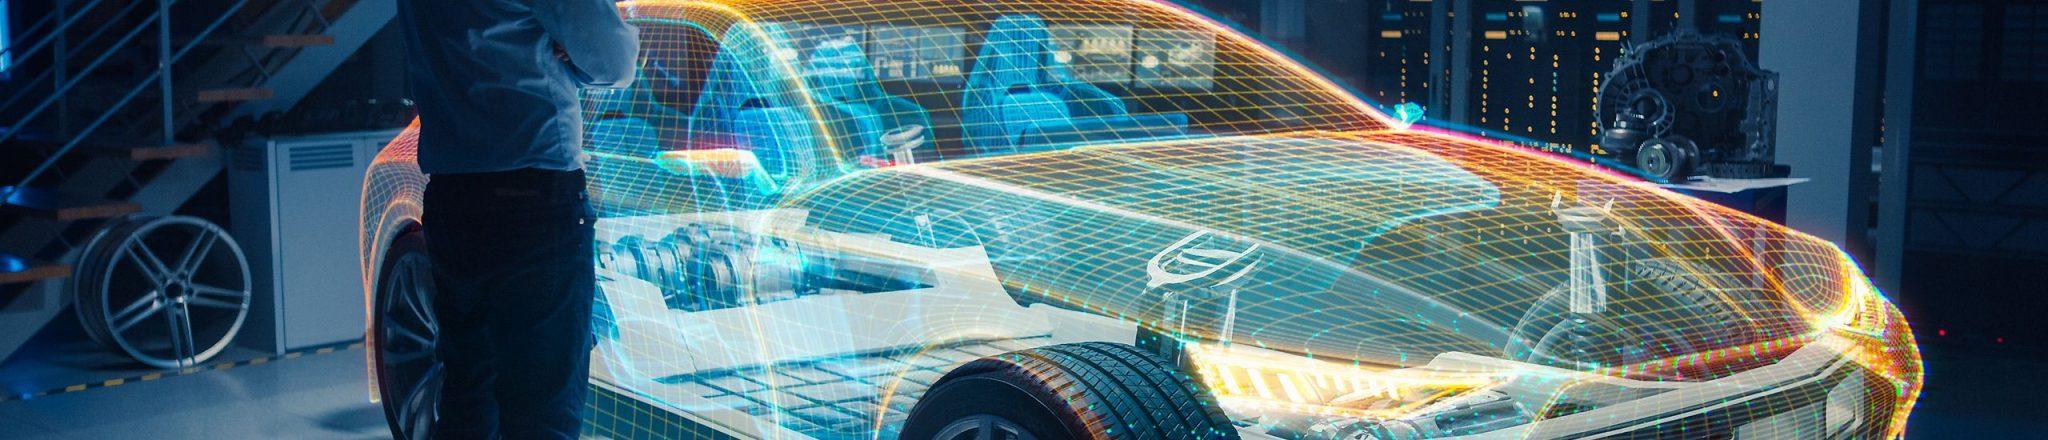 Voiture du futur : conception, tendances et développement pour l'avenir